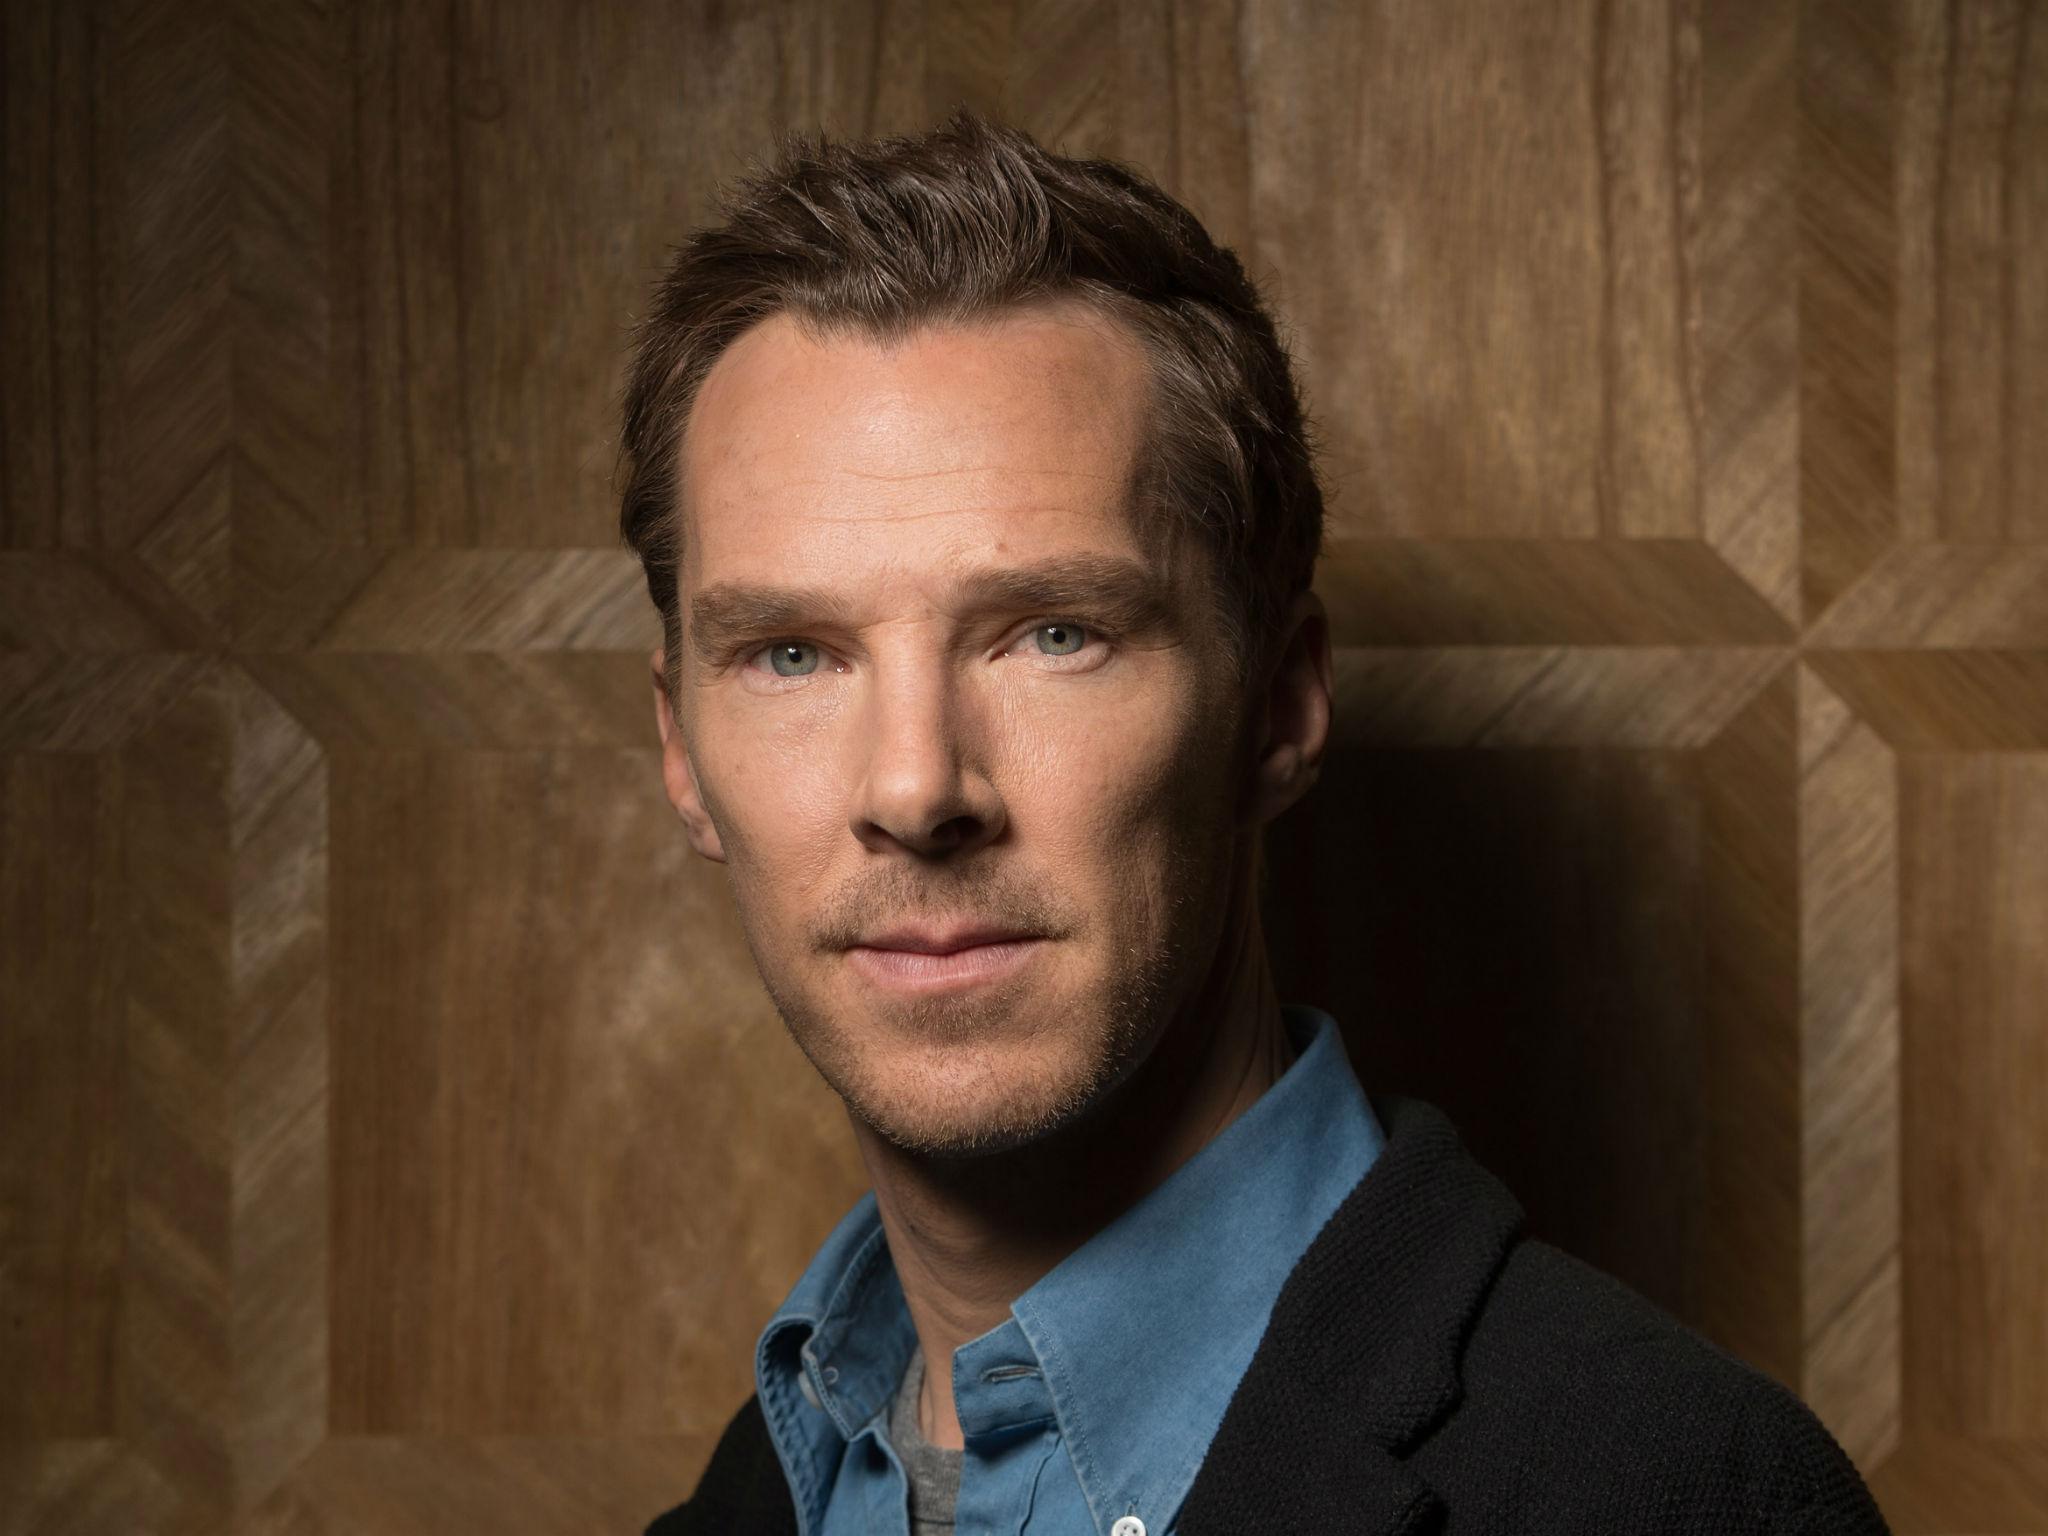 War Magician: Benedict Cumberbatch protagonista del film